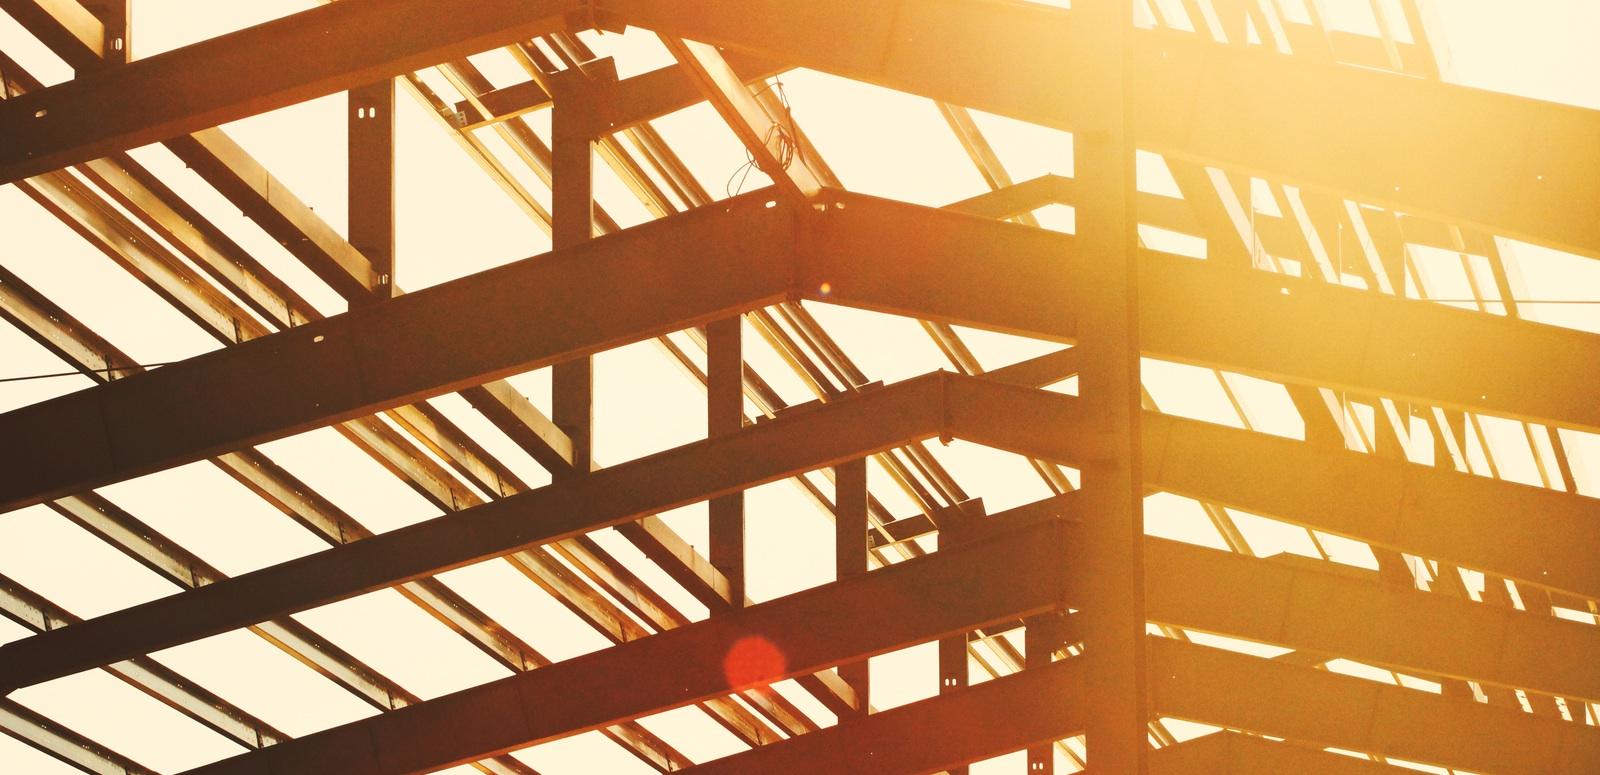 Construction Update - Steel Beams